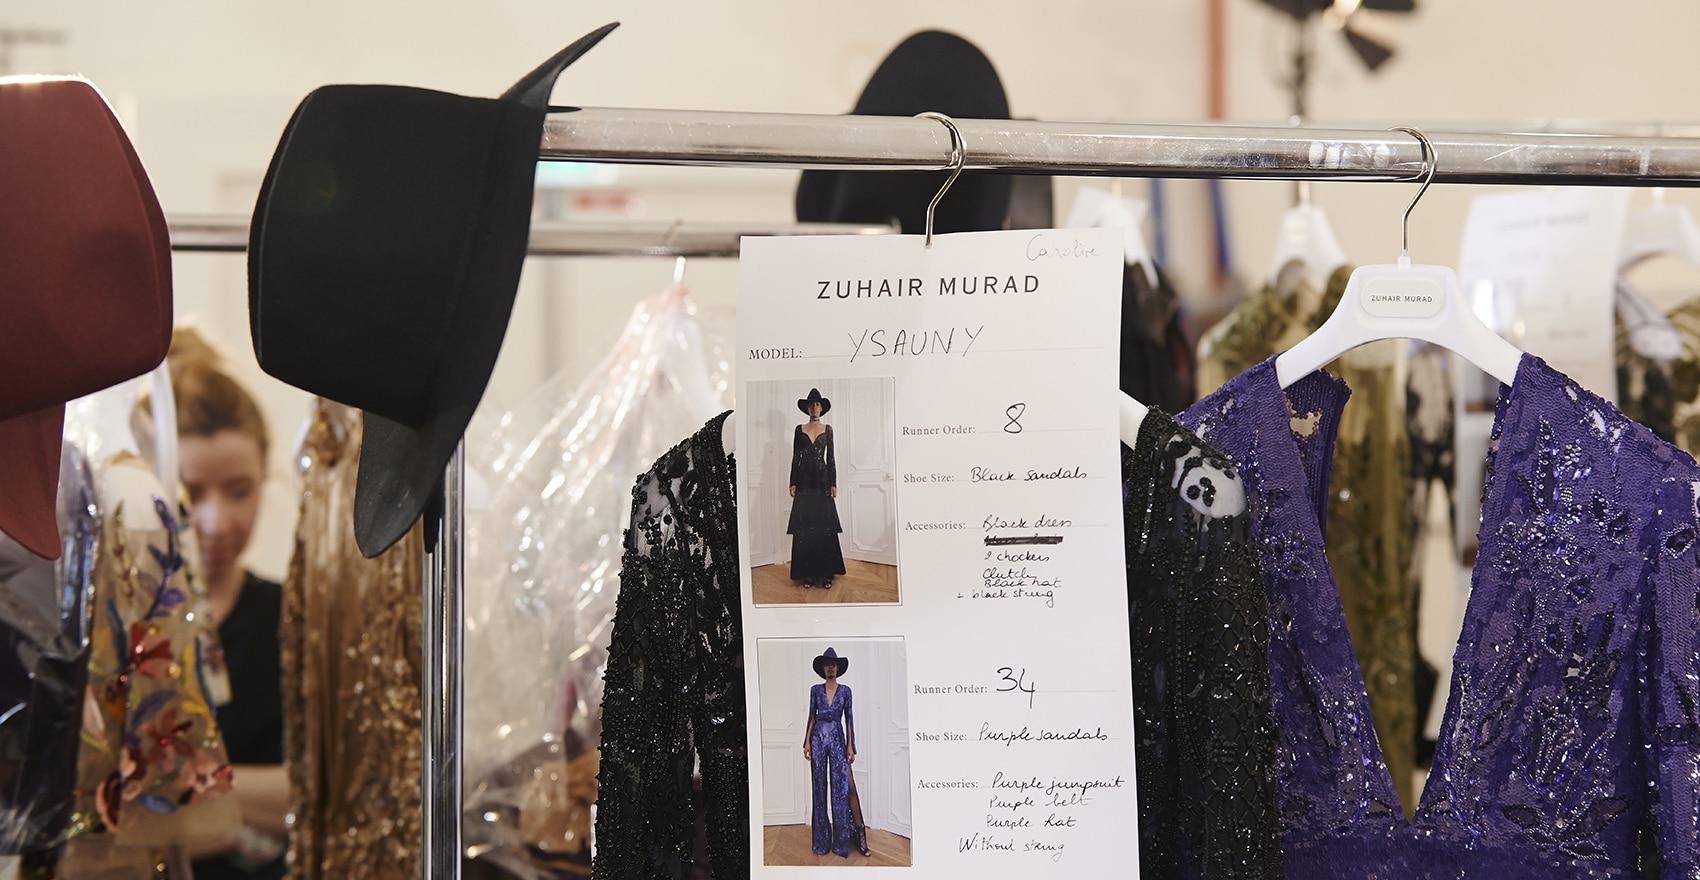 Backstage Zuhair Murad collection haute couture Automne-Hiver 2016 Fashion Week Paris coiffure looks | René Furterer